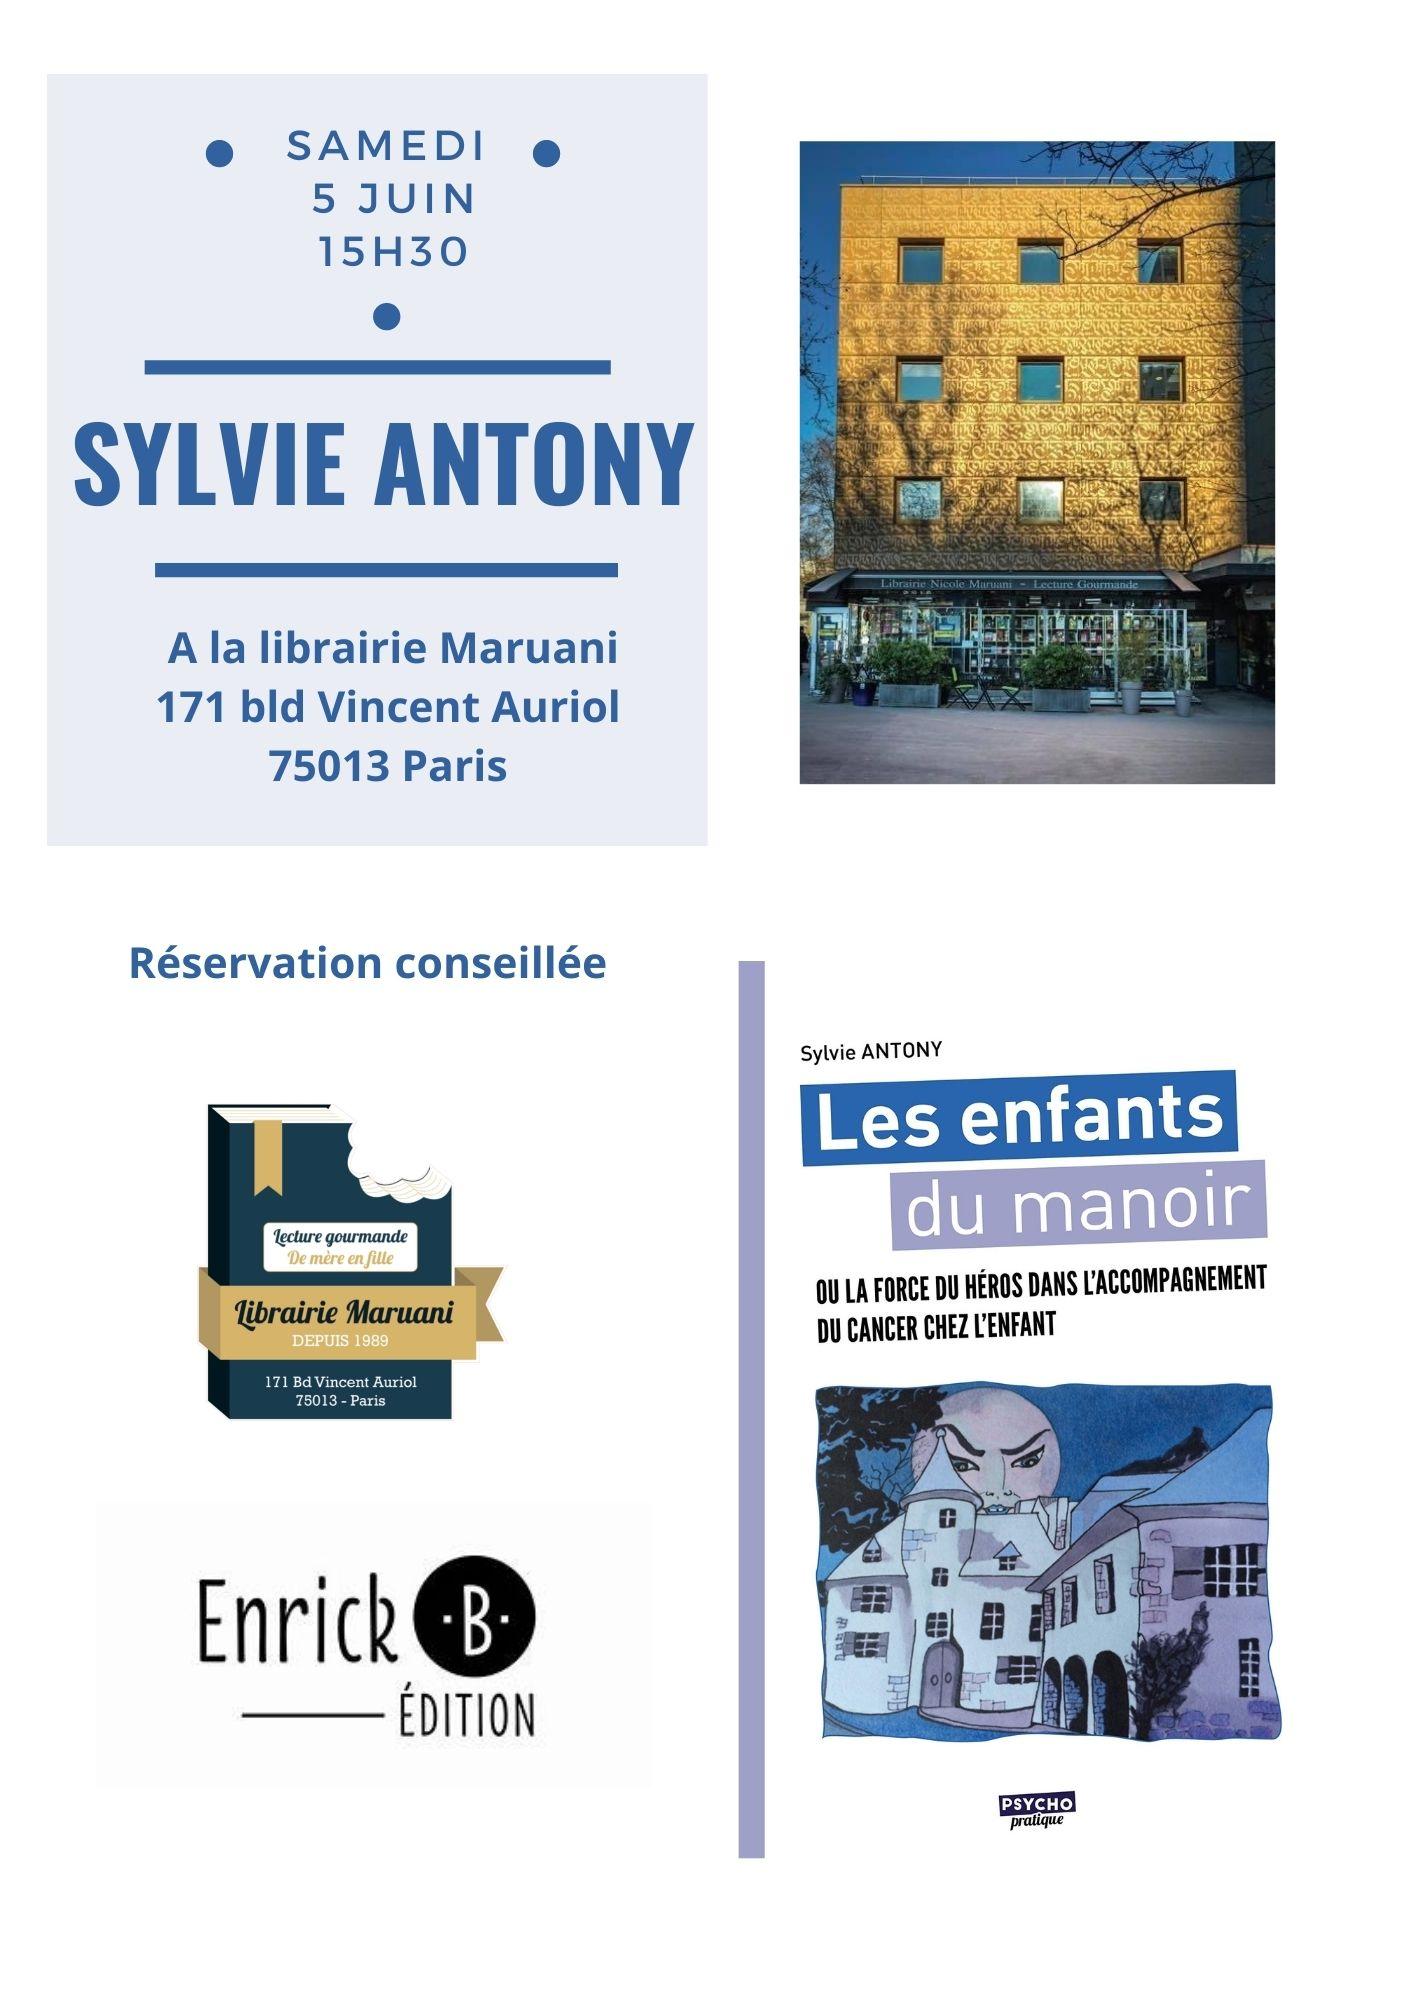 Sylvie Antony